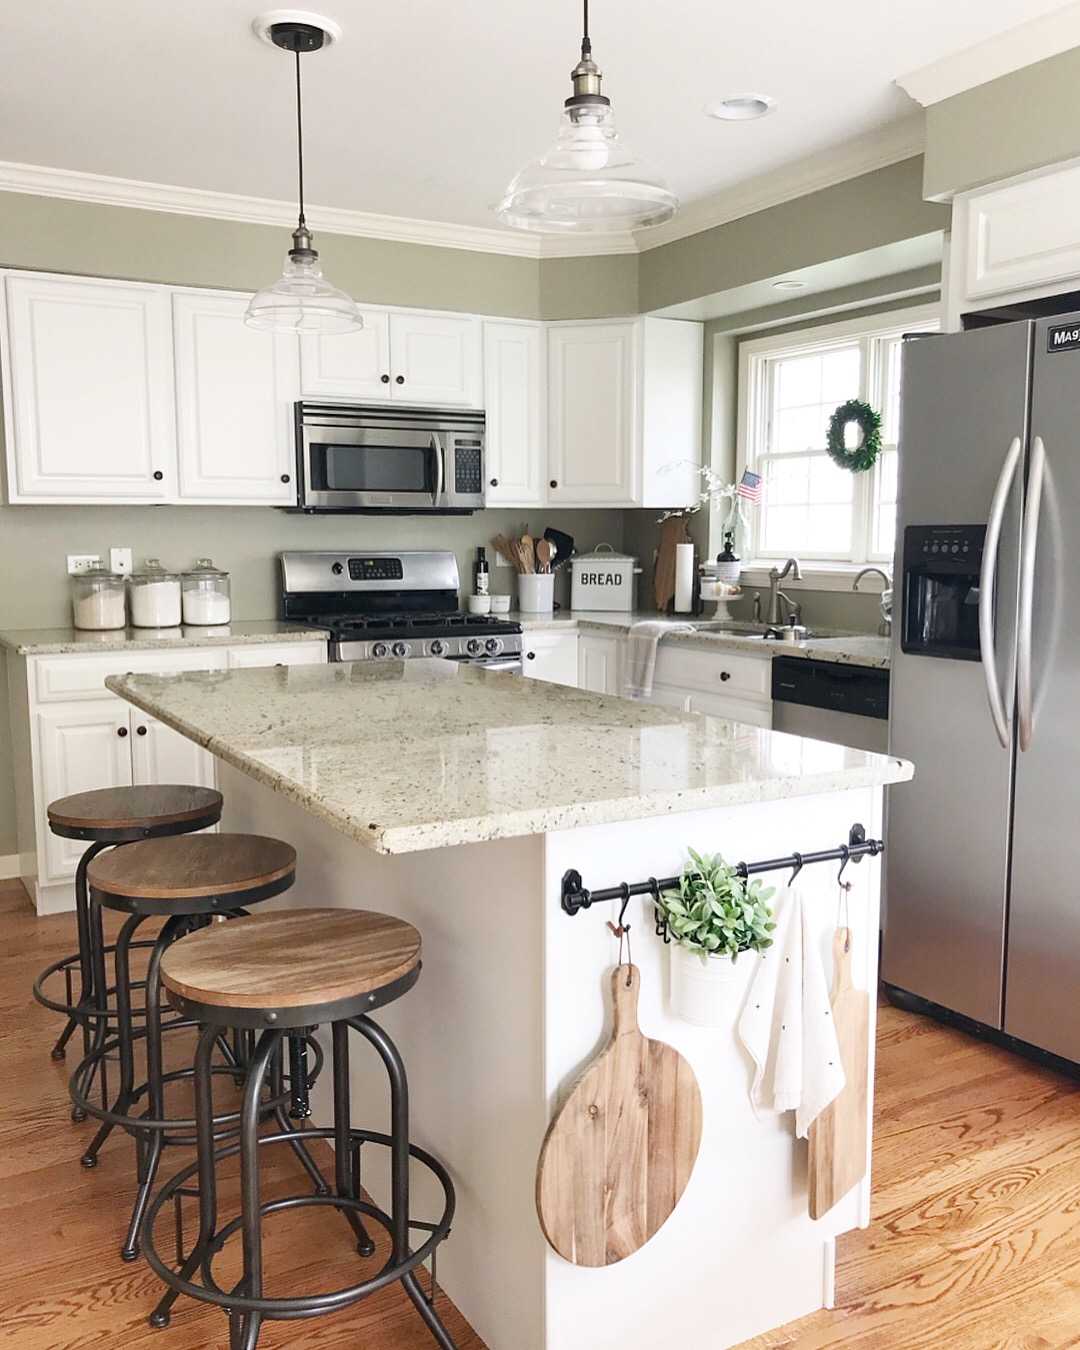 kitchen-cabinet-storage-add-a-side-rail